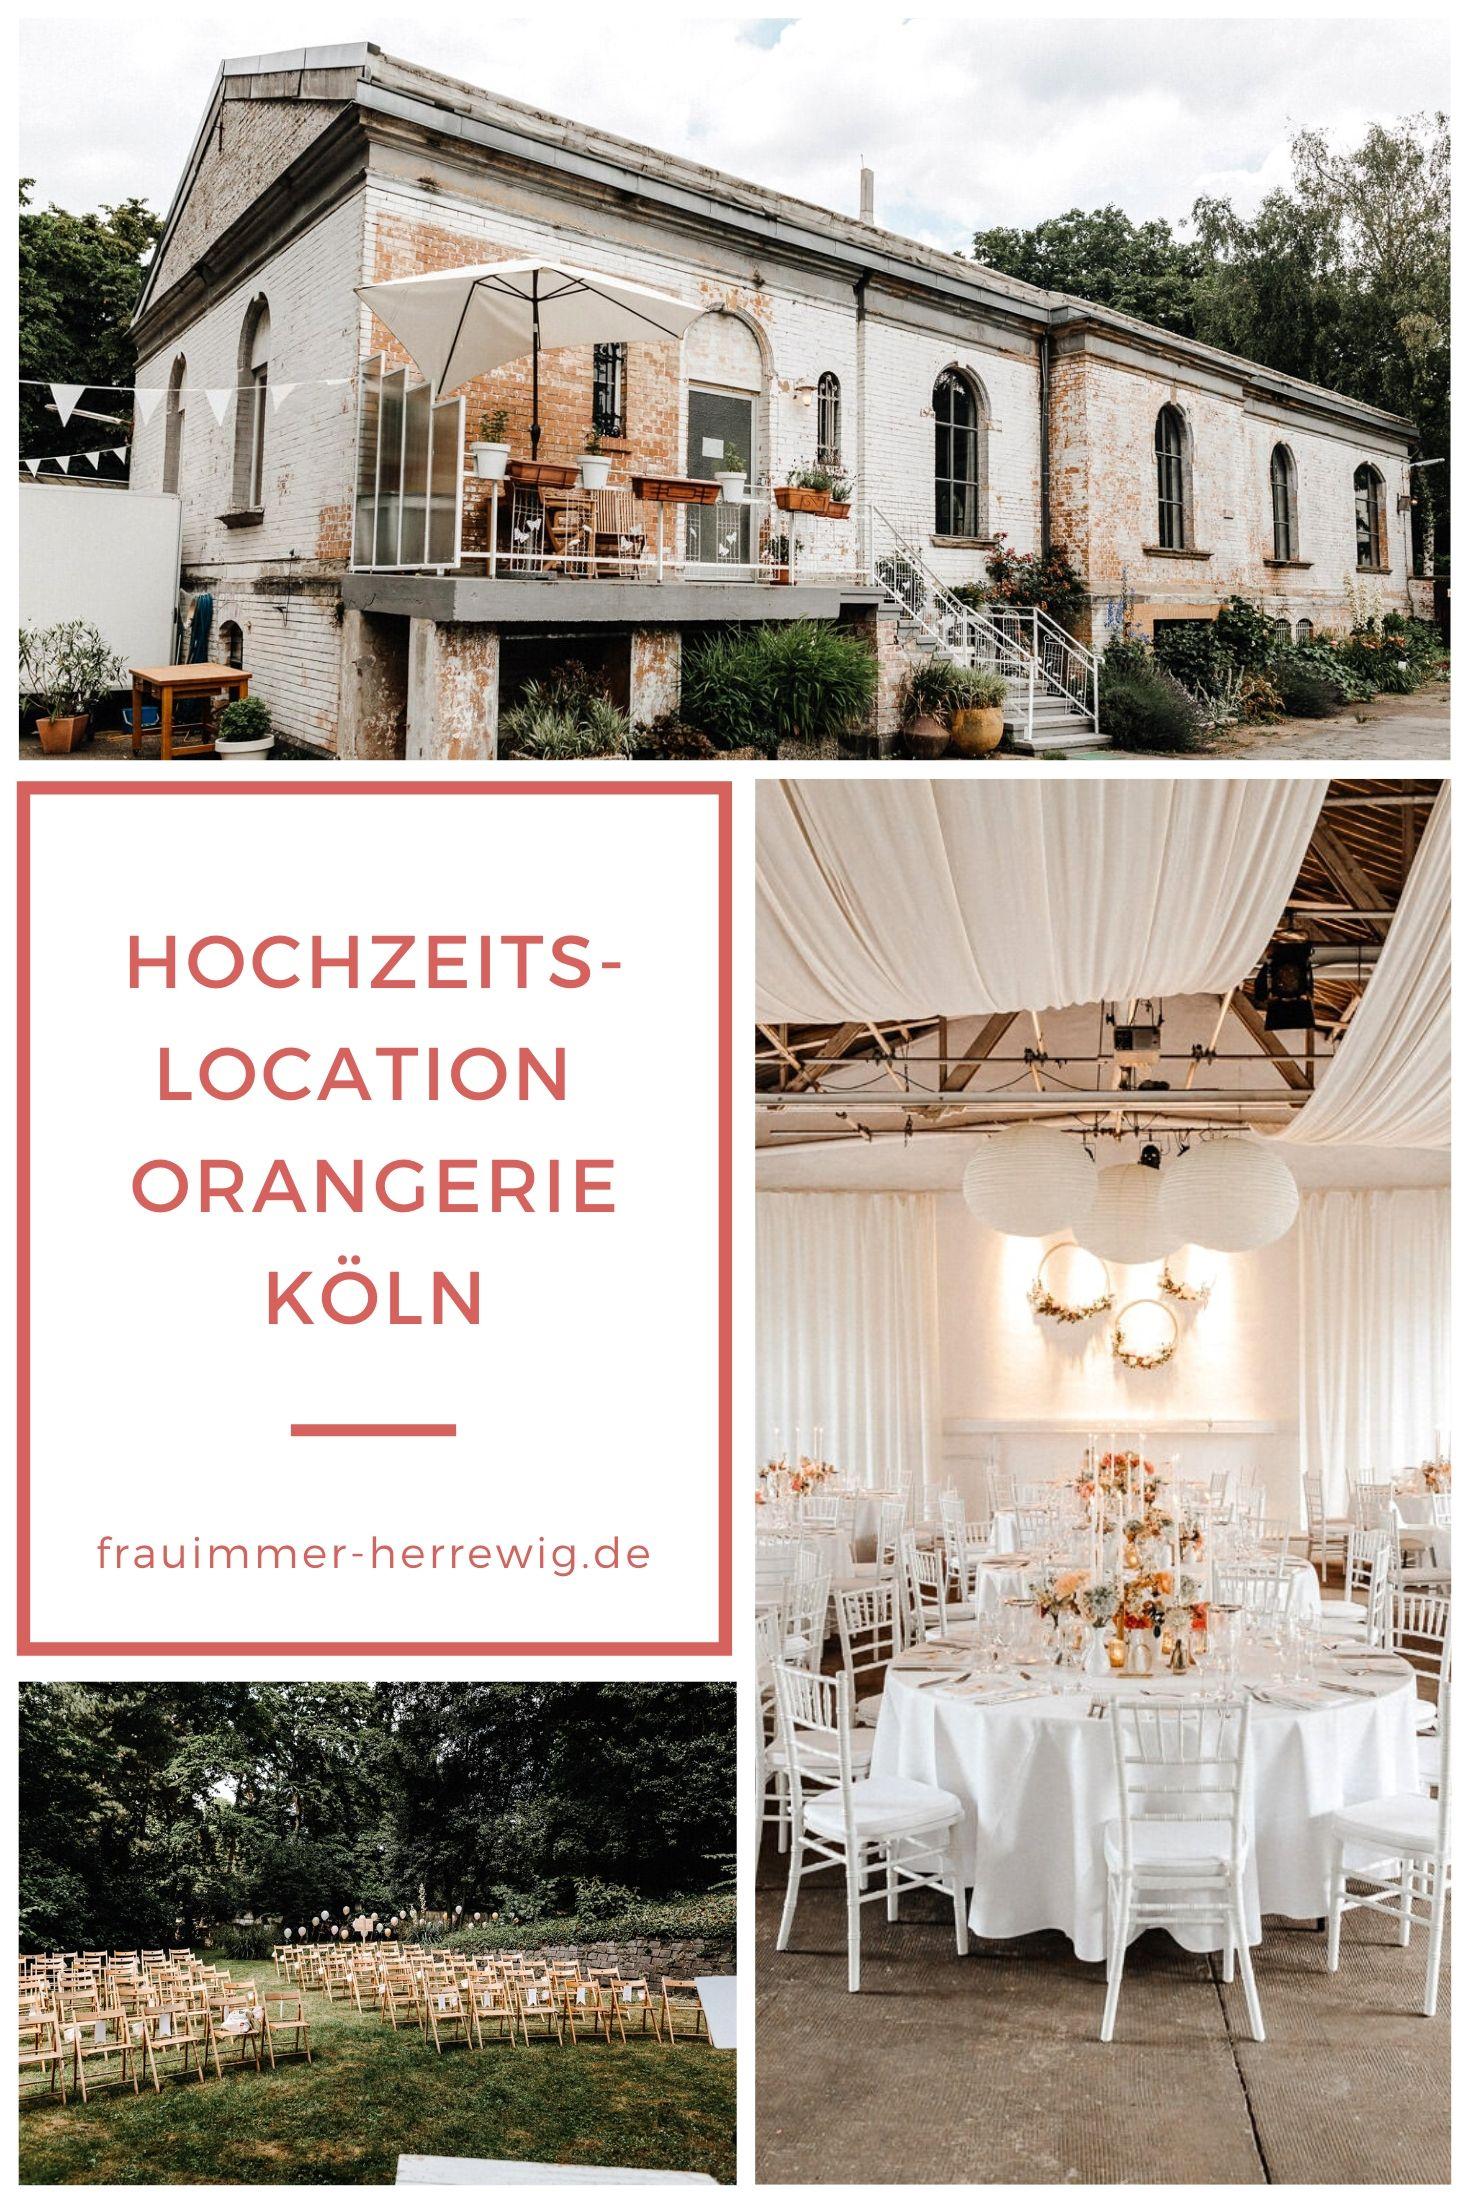 Hochzeitslocation orangerie koeln – gesehen bei frauimmer-herrewig.de